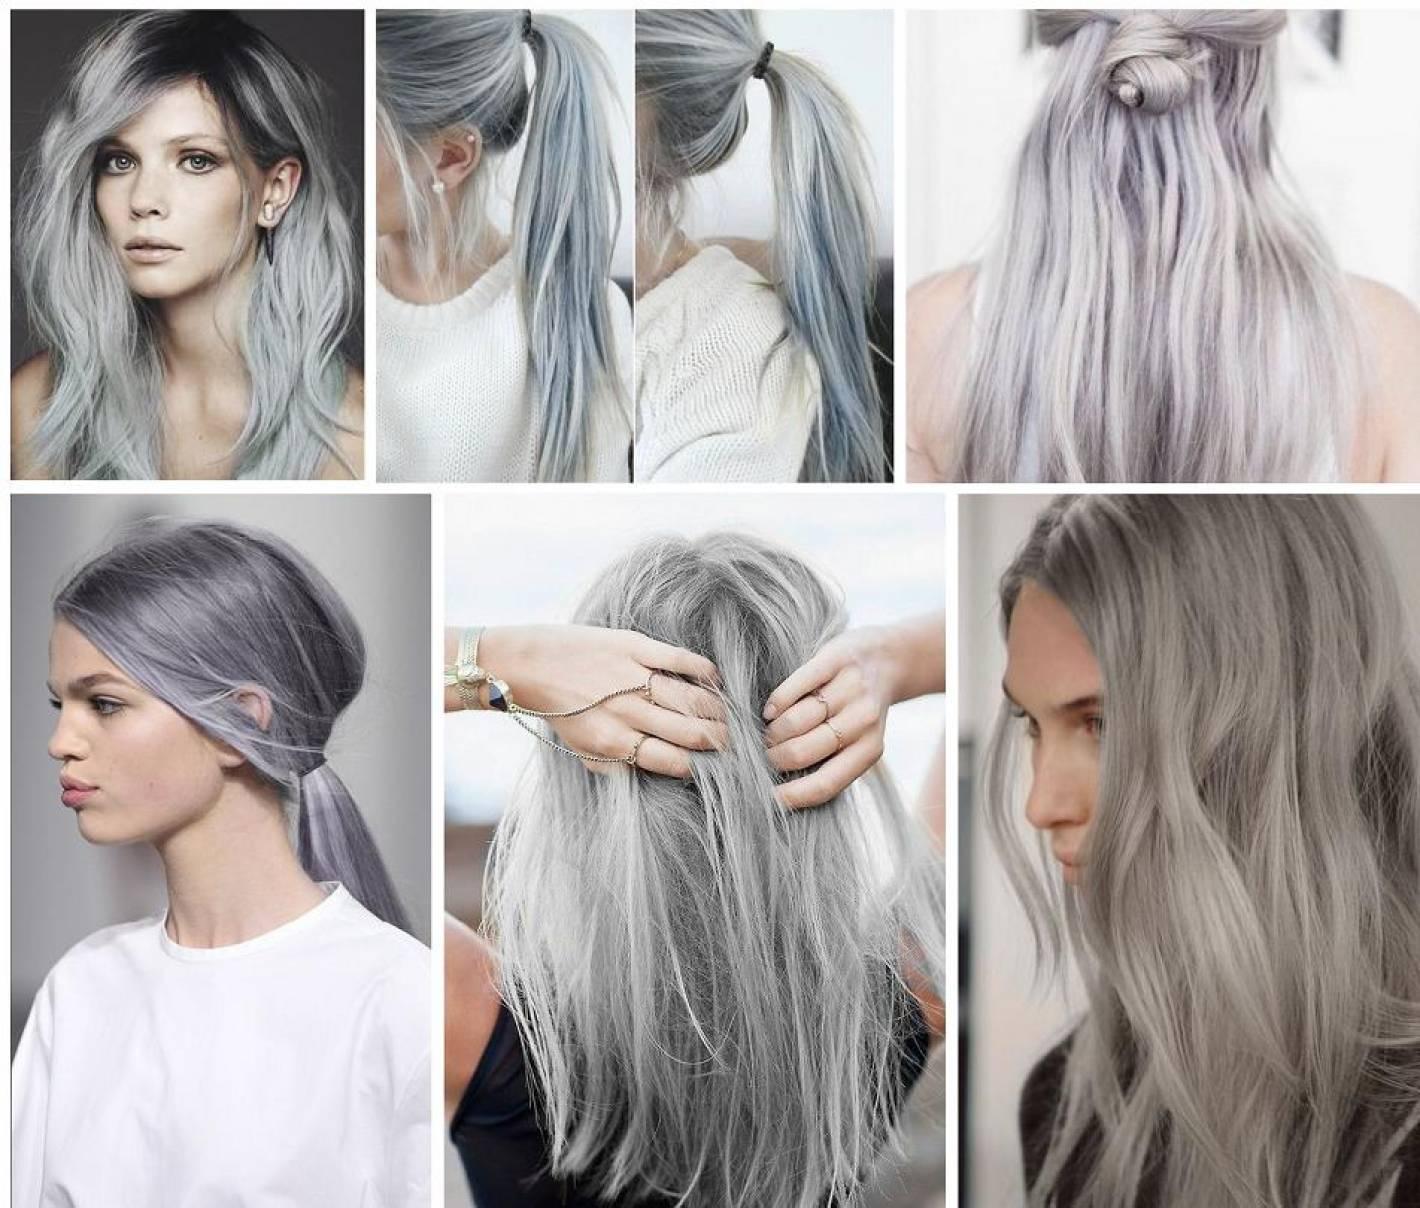 Corte Color Y Peinado Las 5 Tendencias De 2017 Mendoza Post - Corte-y-color-de-pelo